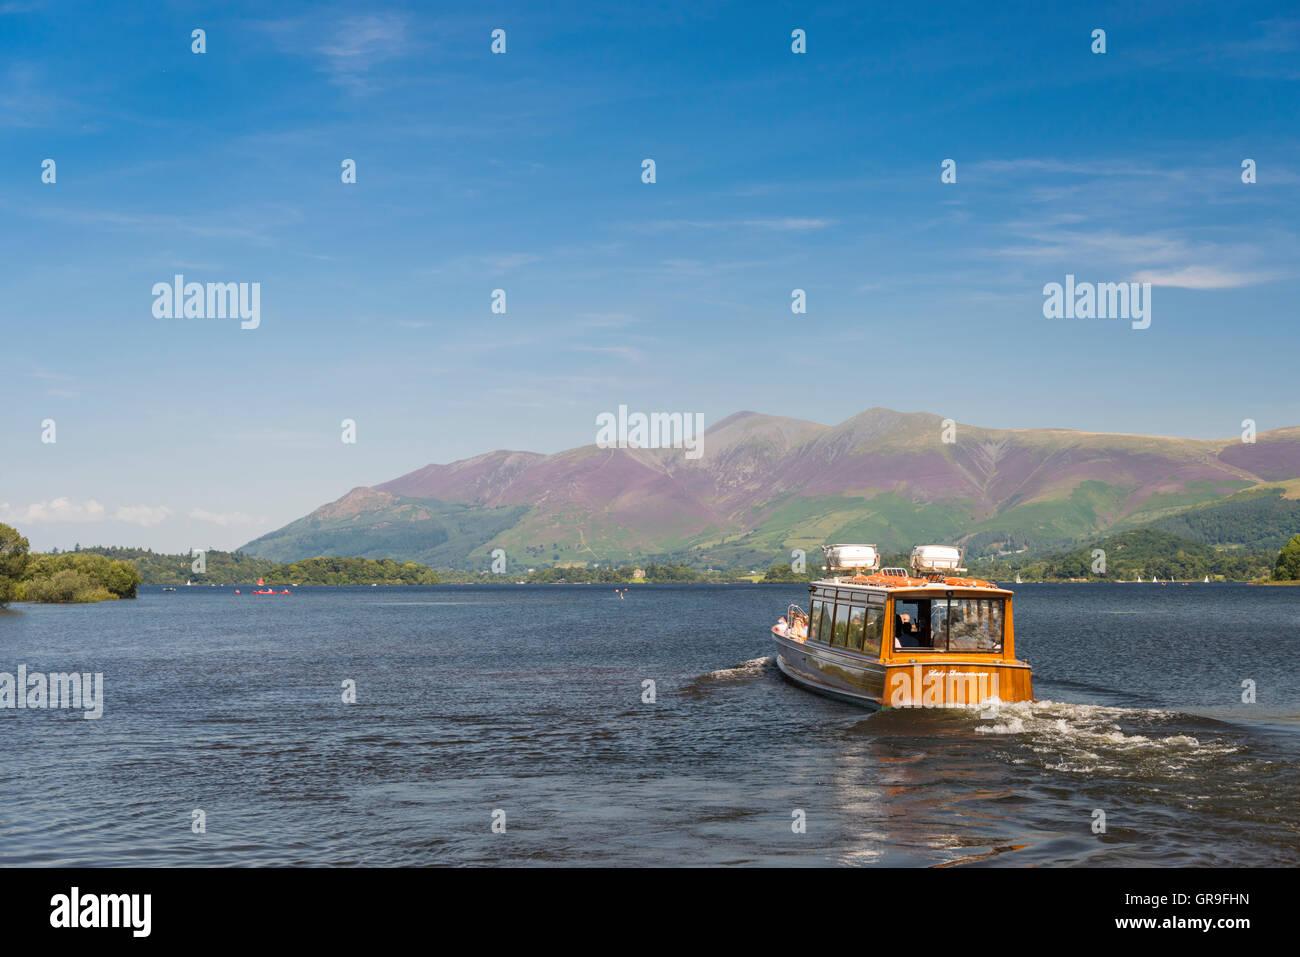 Lake Cruise on Derwent Water, The Lake District, Cumbria, UK - Stock Image